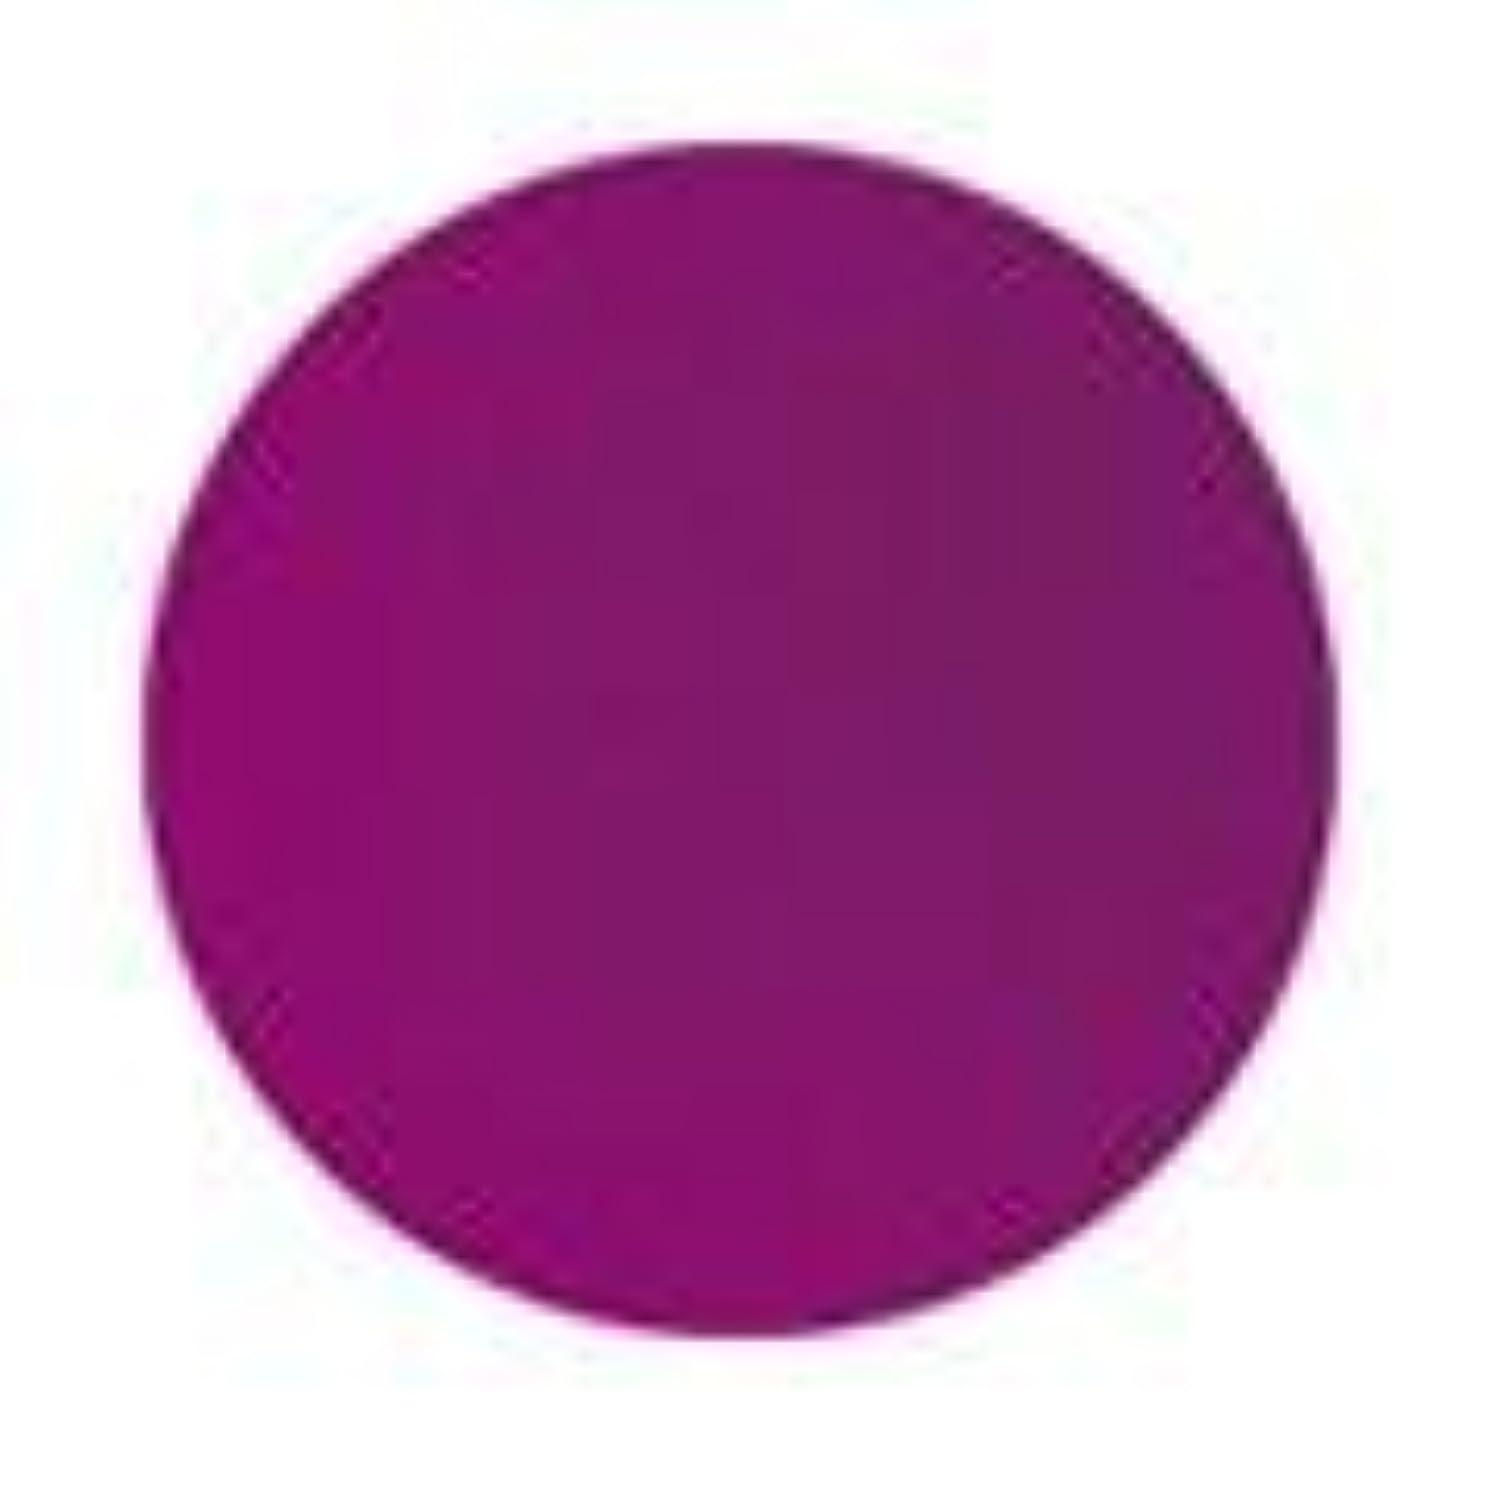 スツール別々にリズムJessica ジェレレーション カラー 15ml  953 バイオレットフレーム